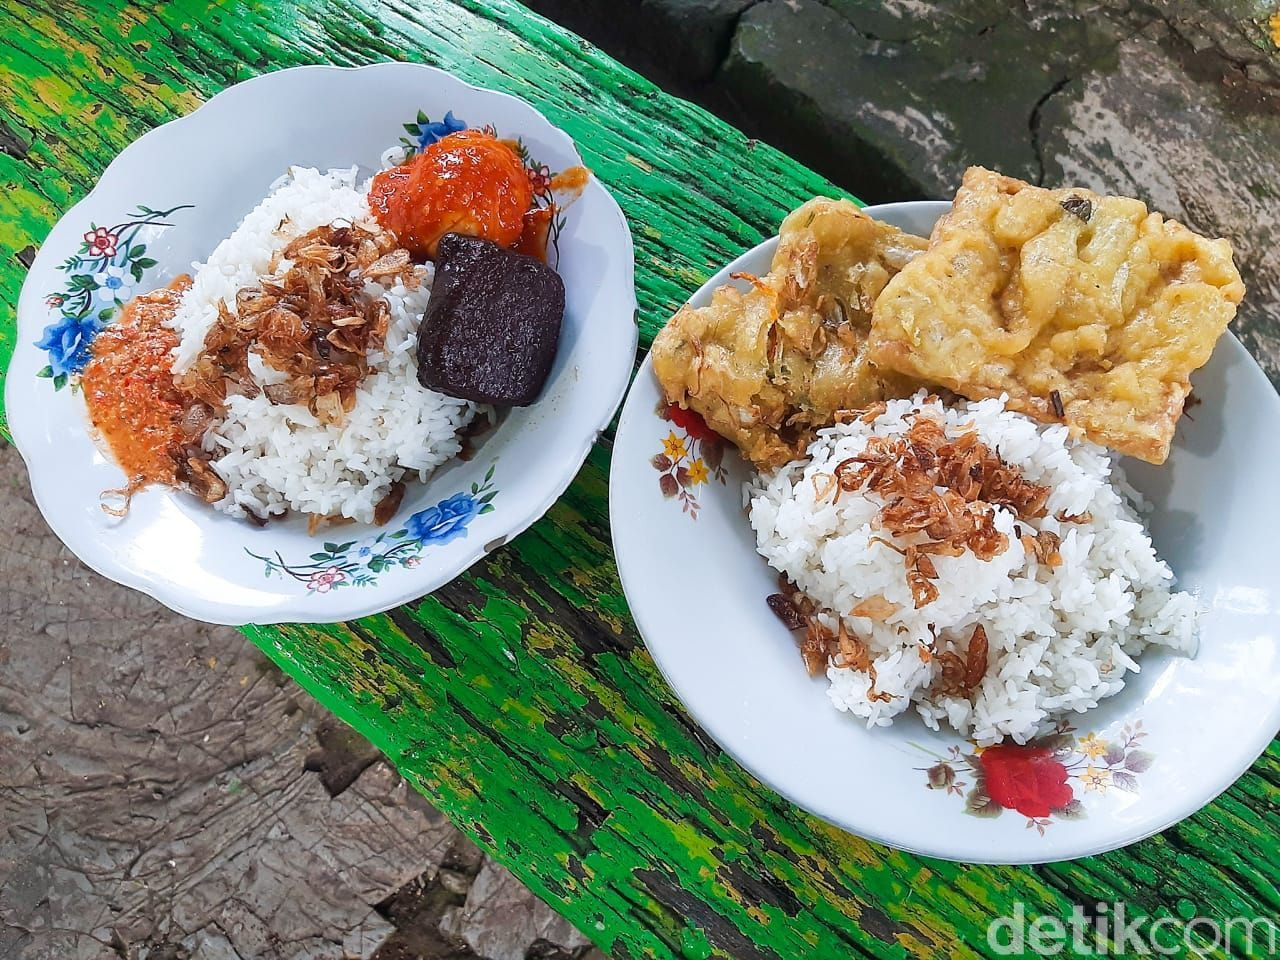 5 Nasi Uduk Enak di Depok, Harganya Mulai Rp 5.000